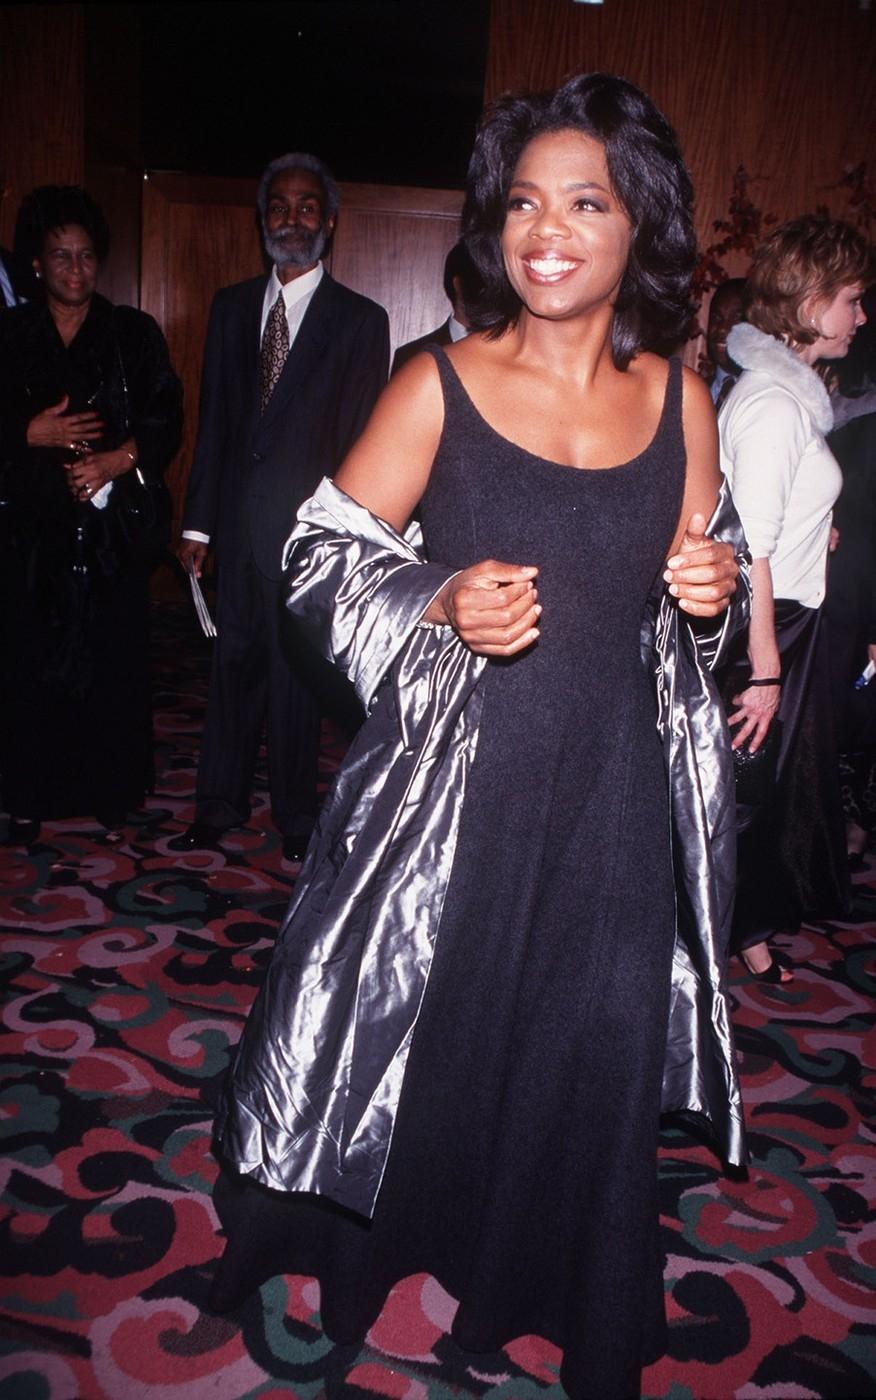 Oprah Winfrey Attending Movie Premiere